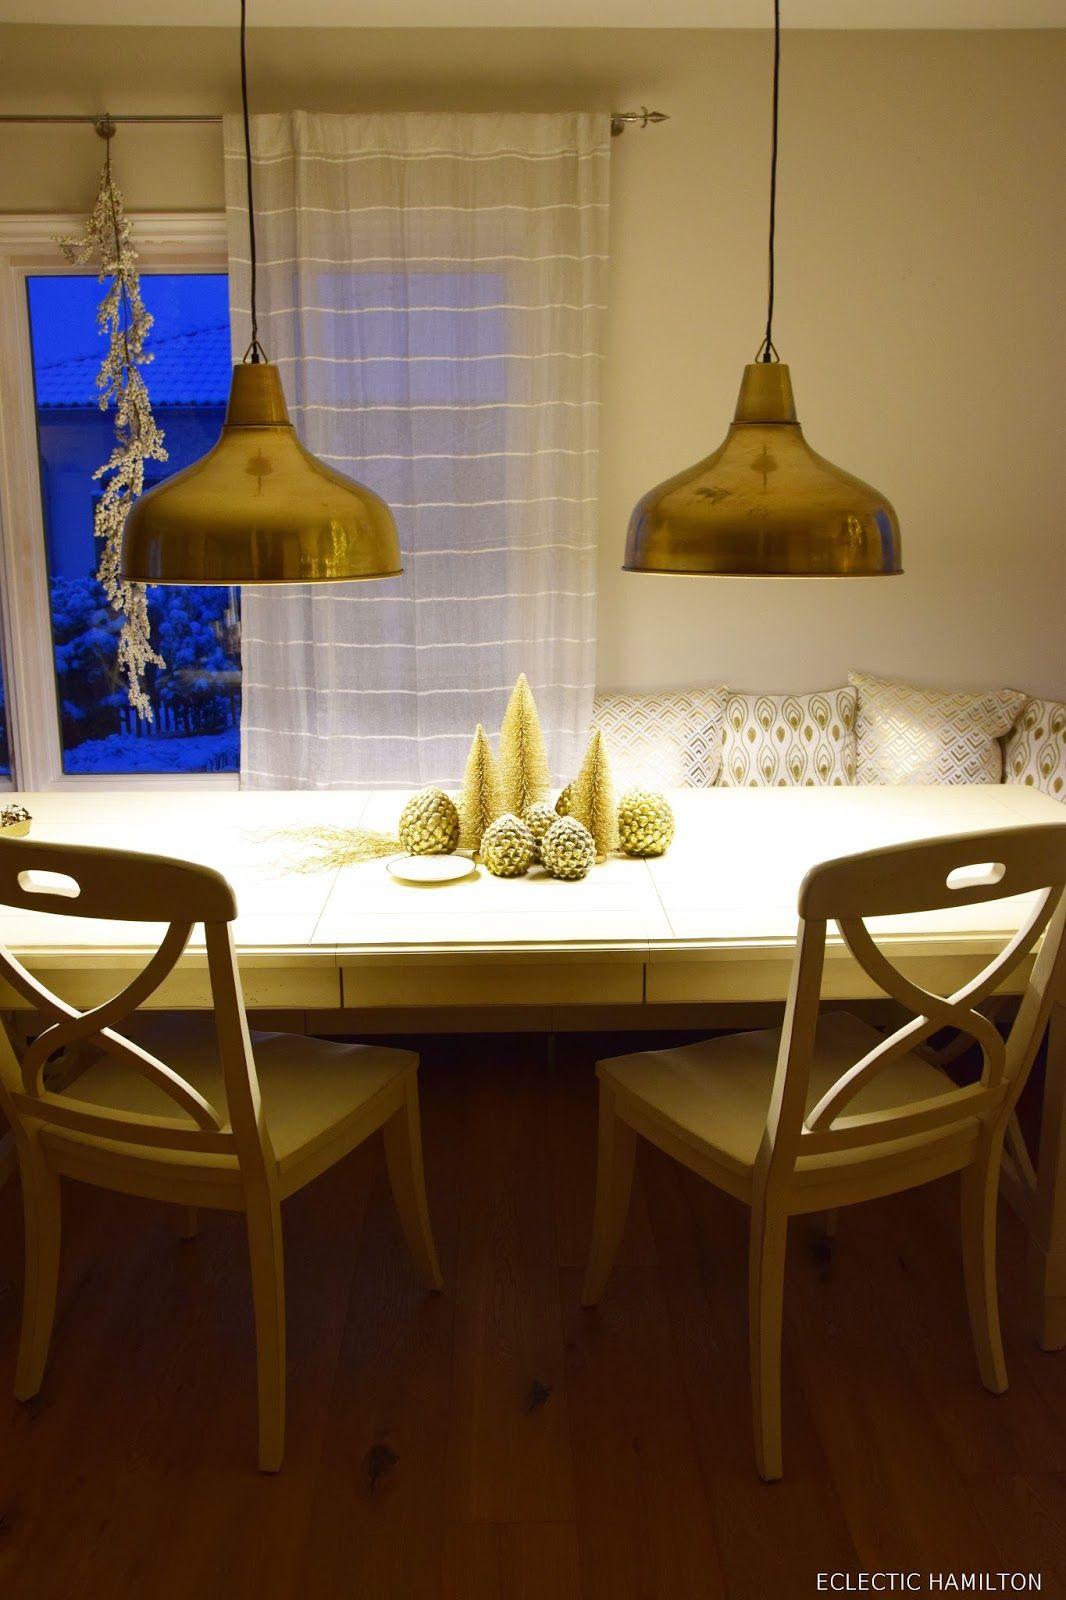 Schon Die Perfekte Lampe Für Das Esszimmer Und Tolle Weihnachtsdeko In Gold.Tipps  Zum Leuchtmittelkauf /